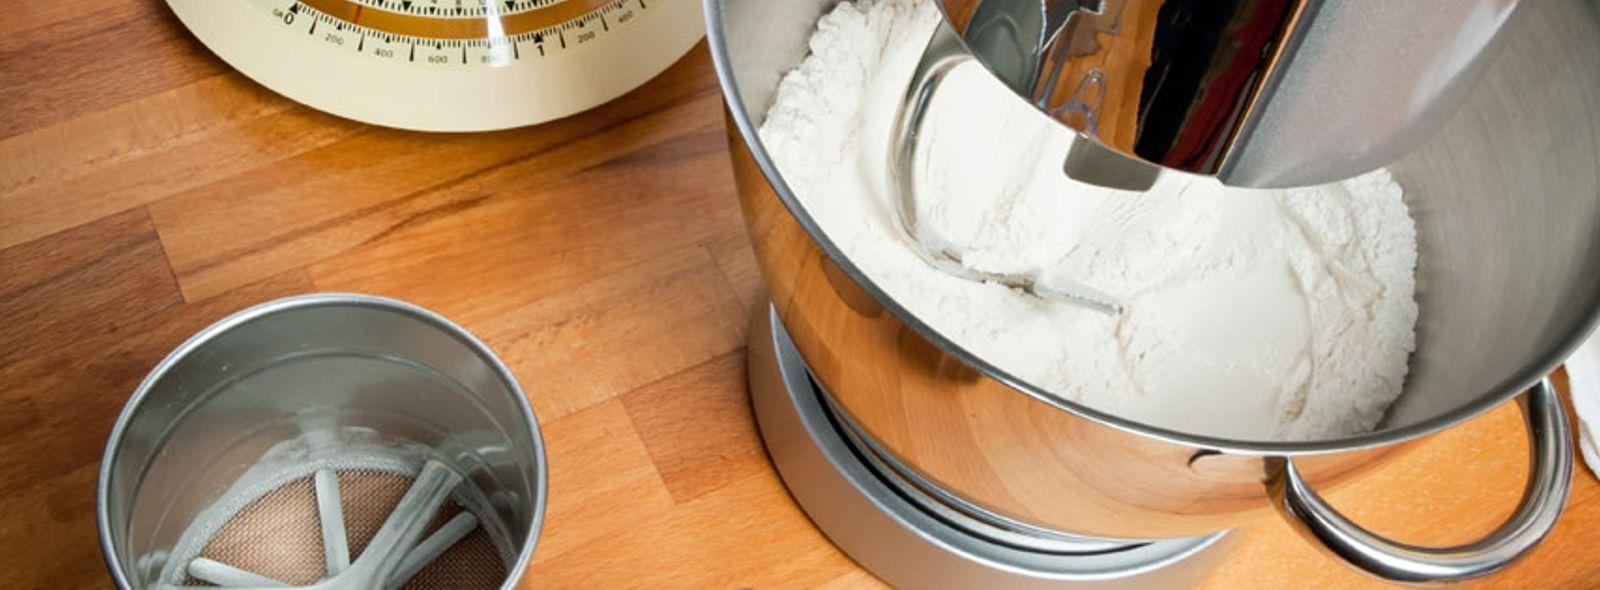 Classifica dei migliori robot da cucina | Trovami